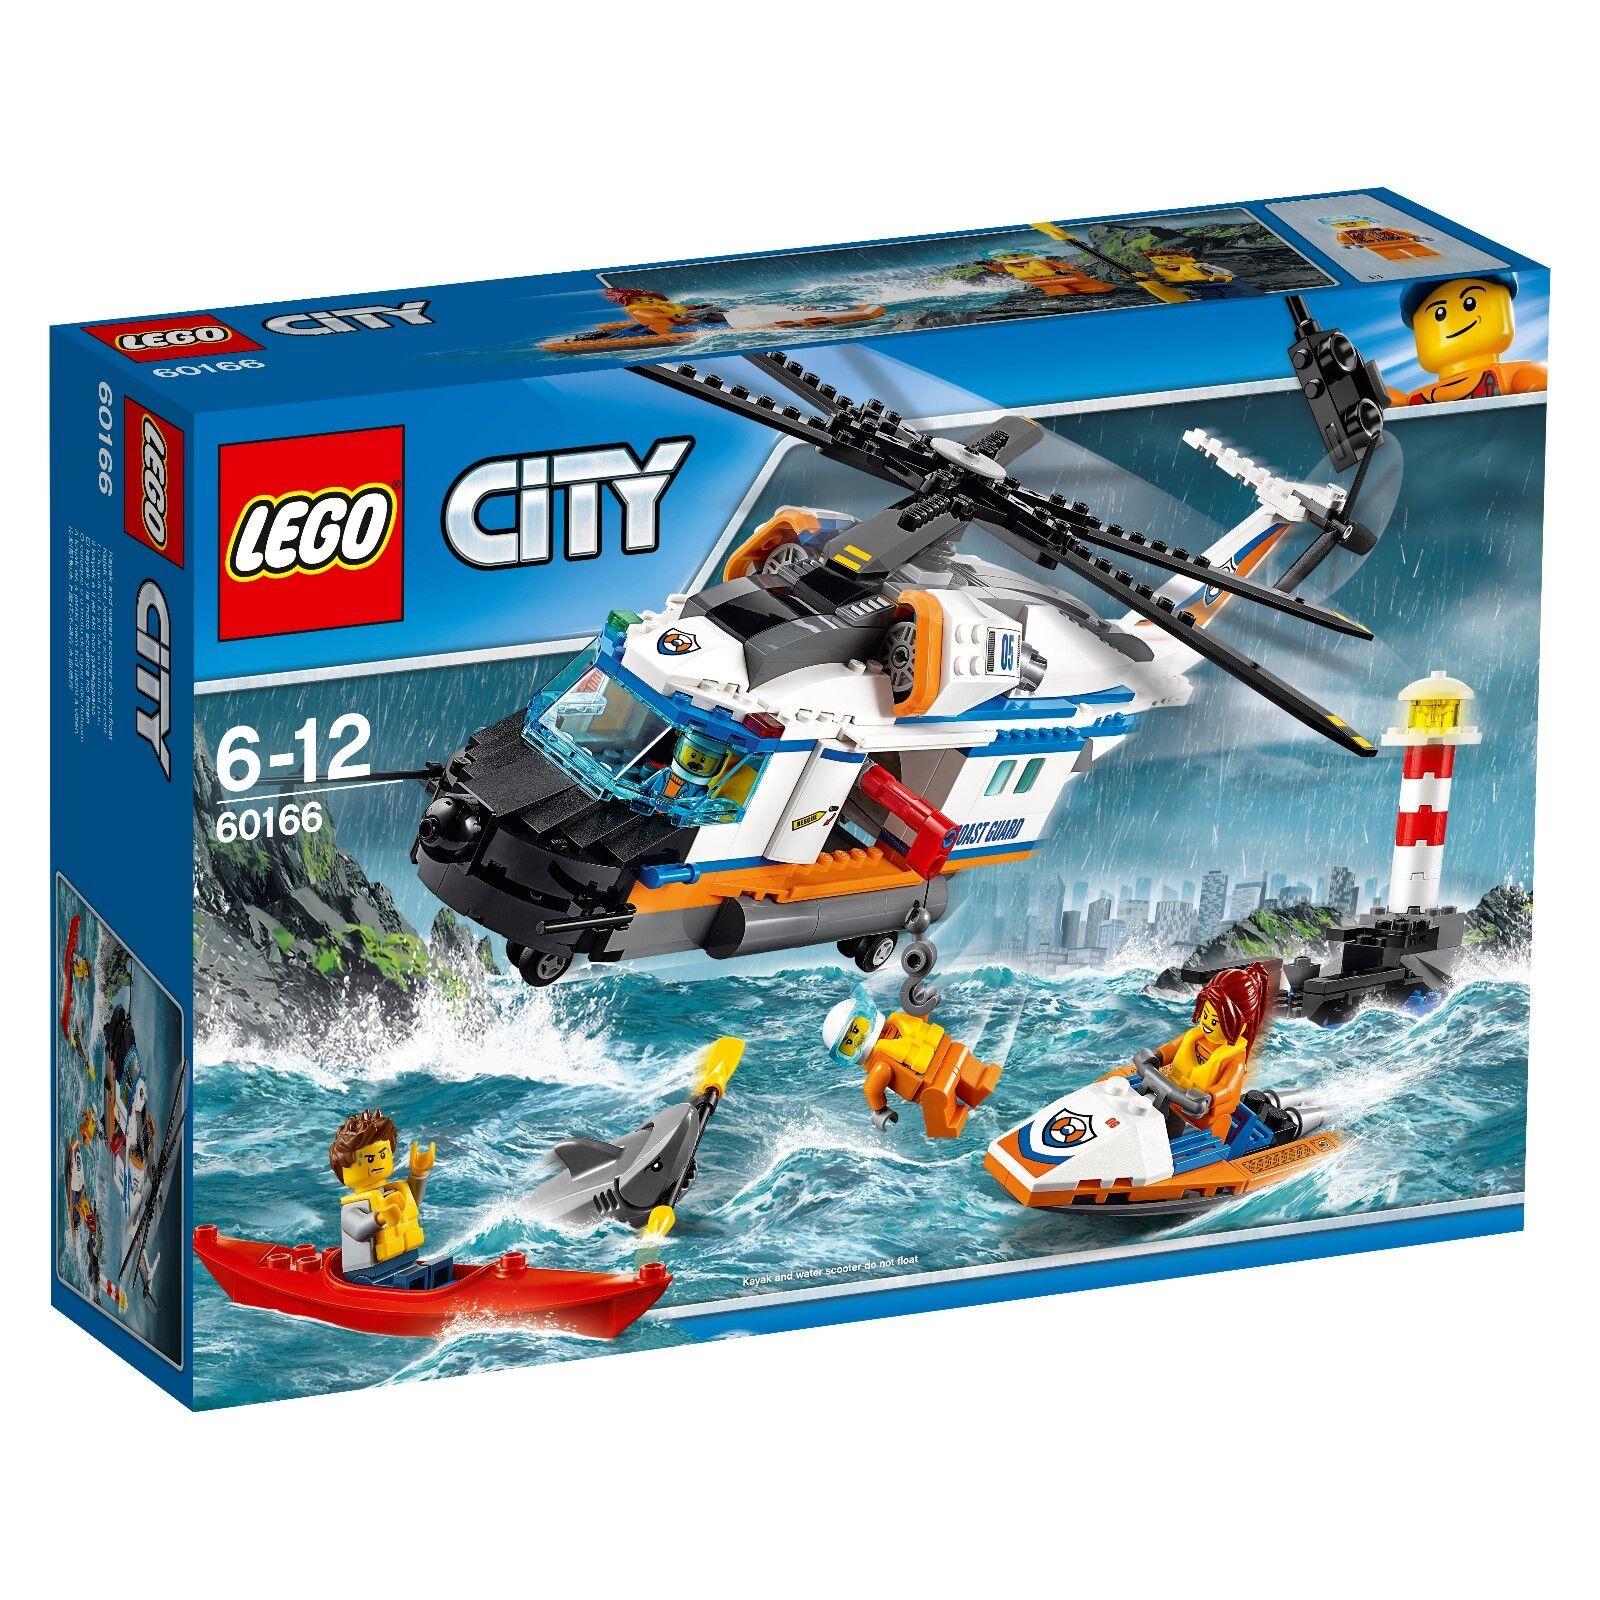 60166 60166 60166 LEGO® City - Seenot-Rettungshubschrauber   NEU UNGEÖFFNET 30bd52